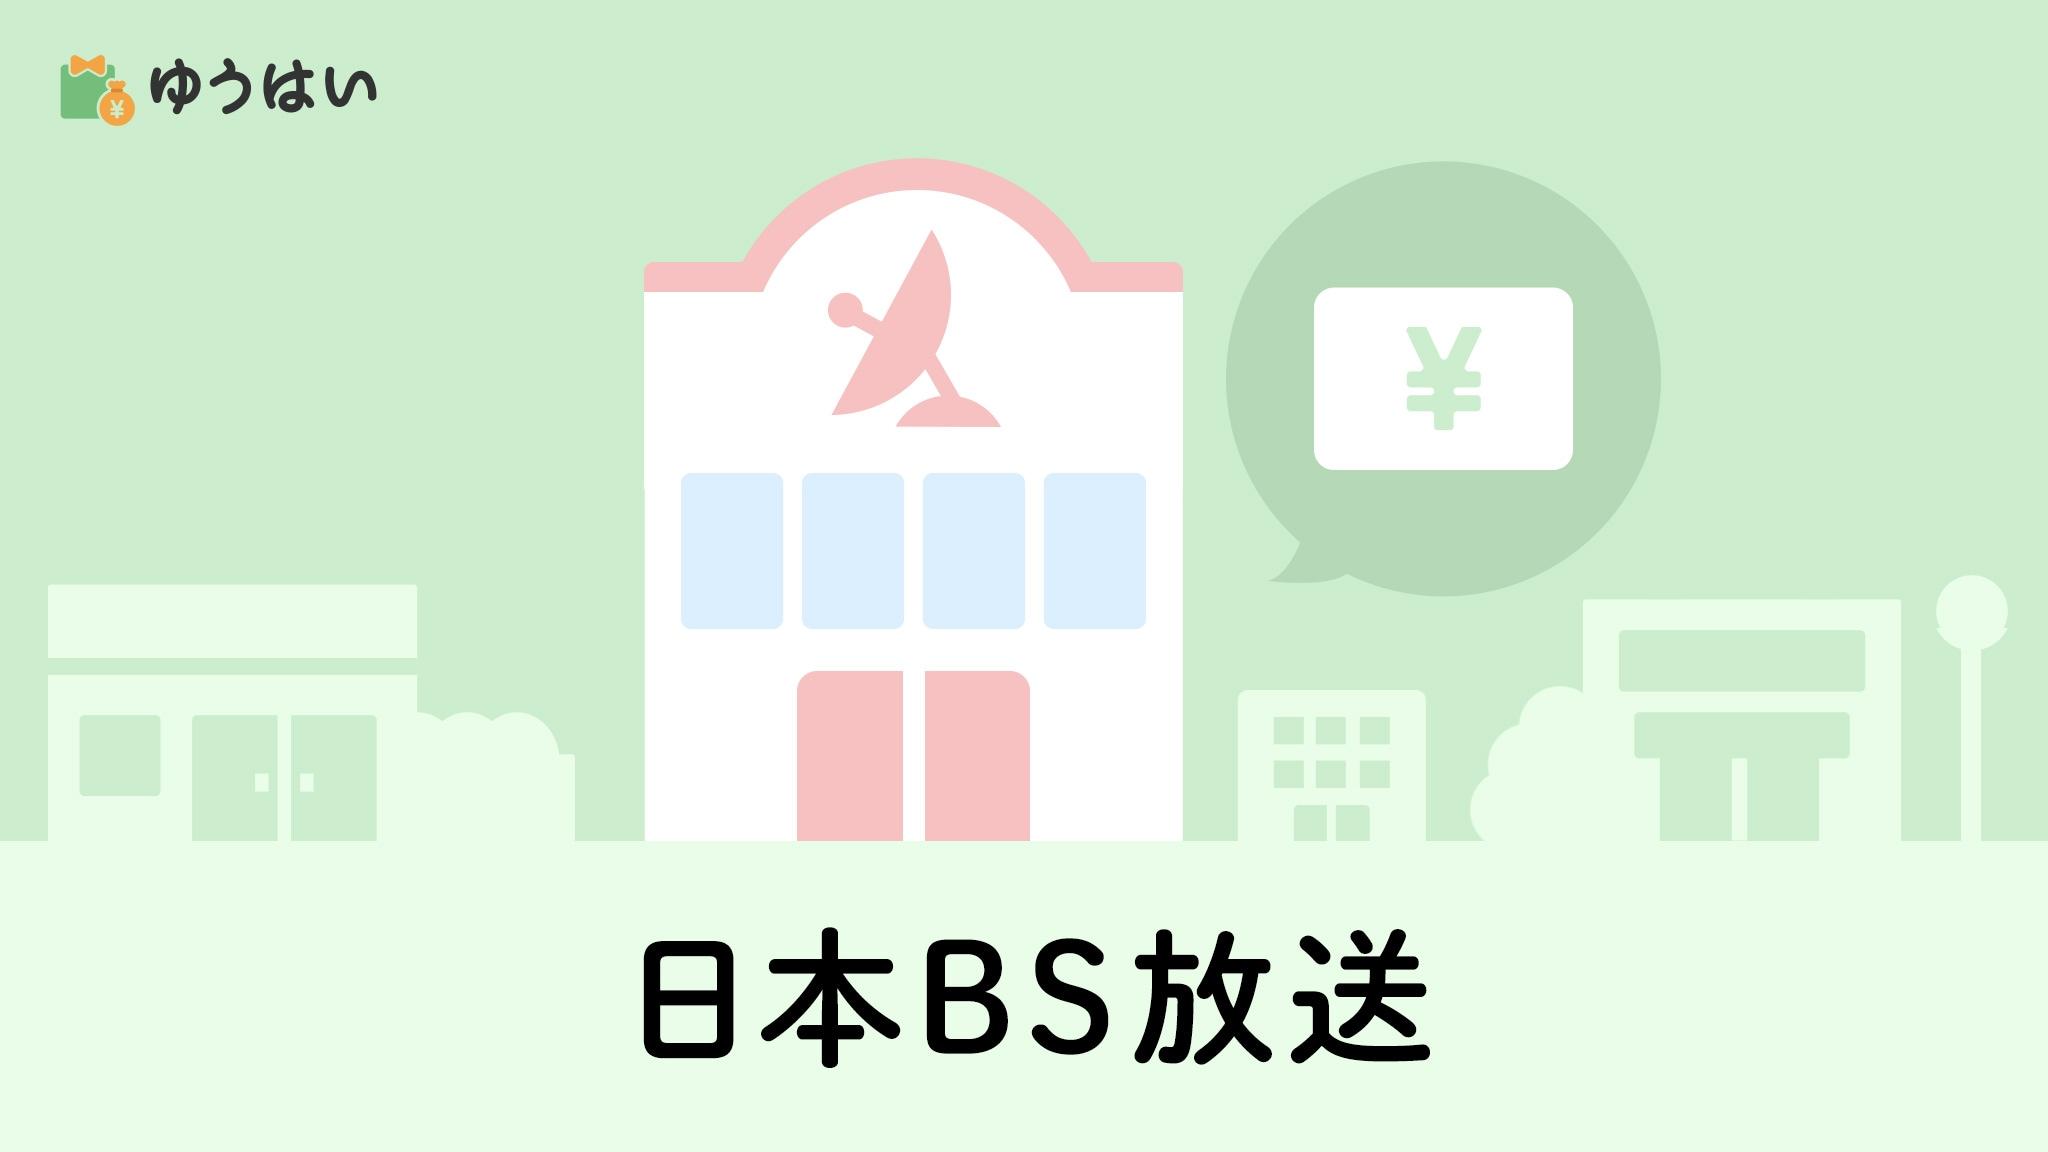 ゆうはい 日本BS放送(9414)の株主優待と配当金